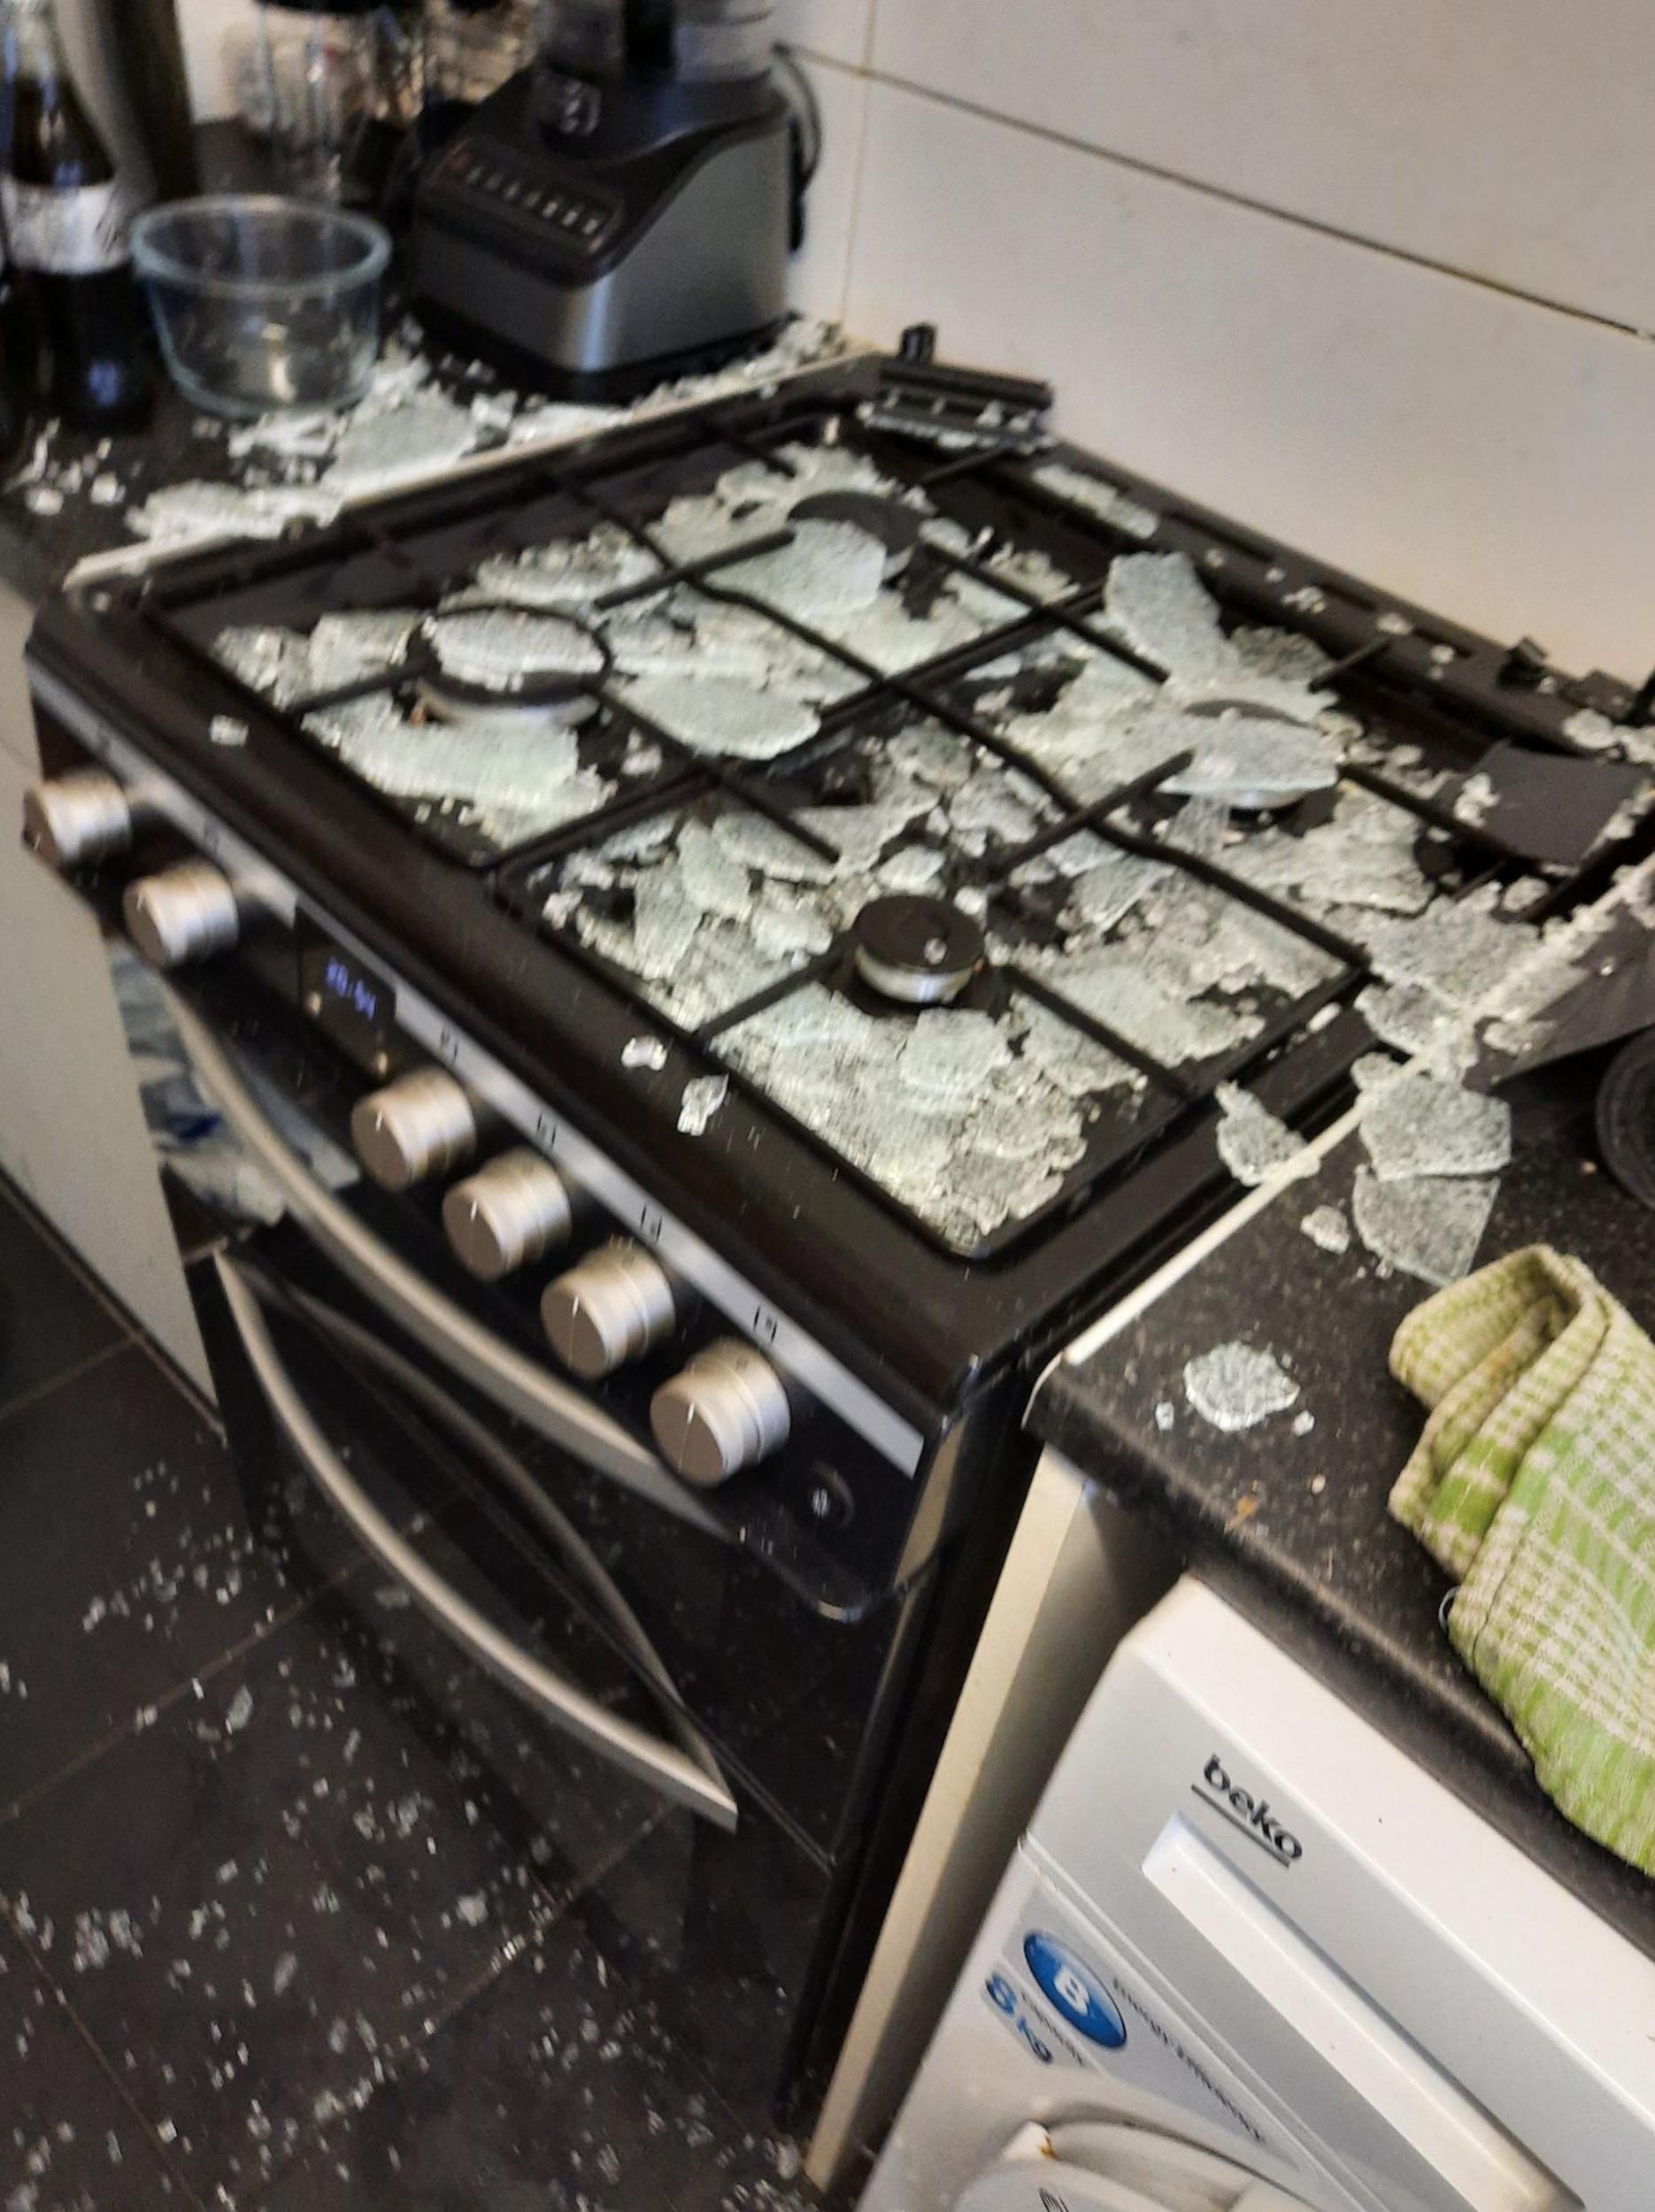 Argos cooker shattered - Consumer News UK